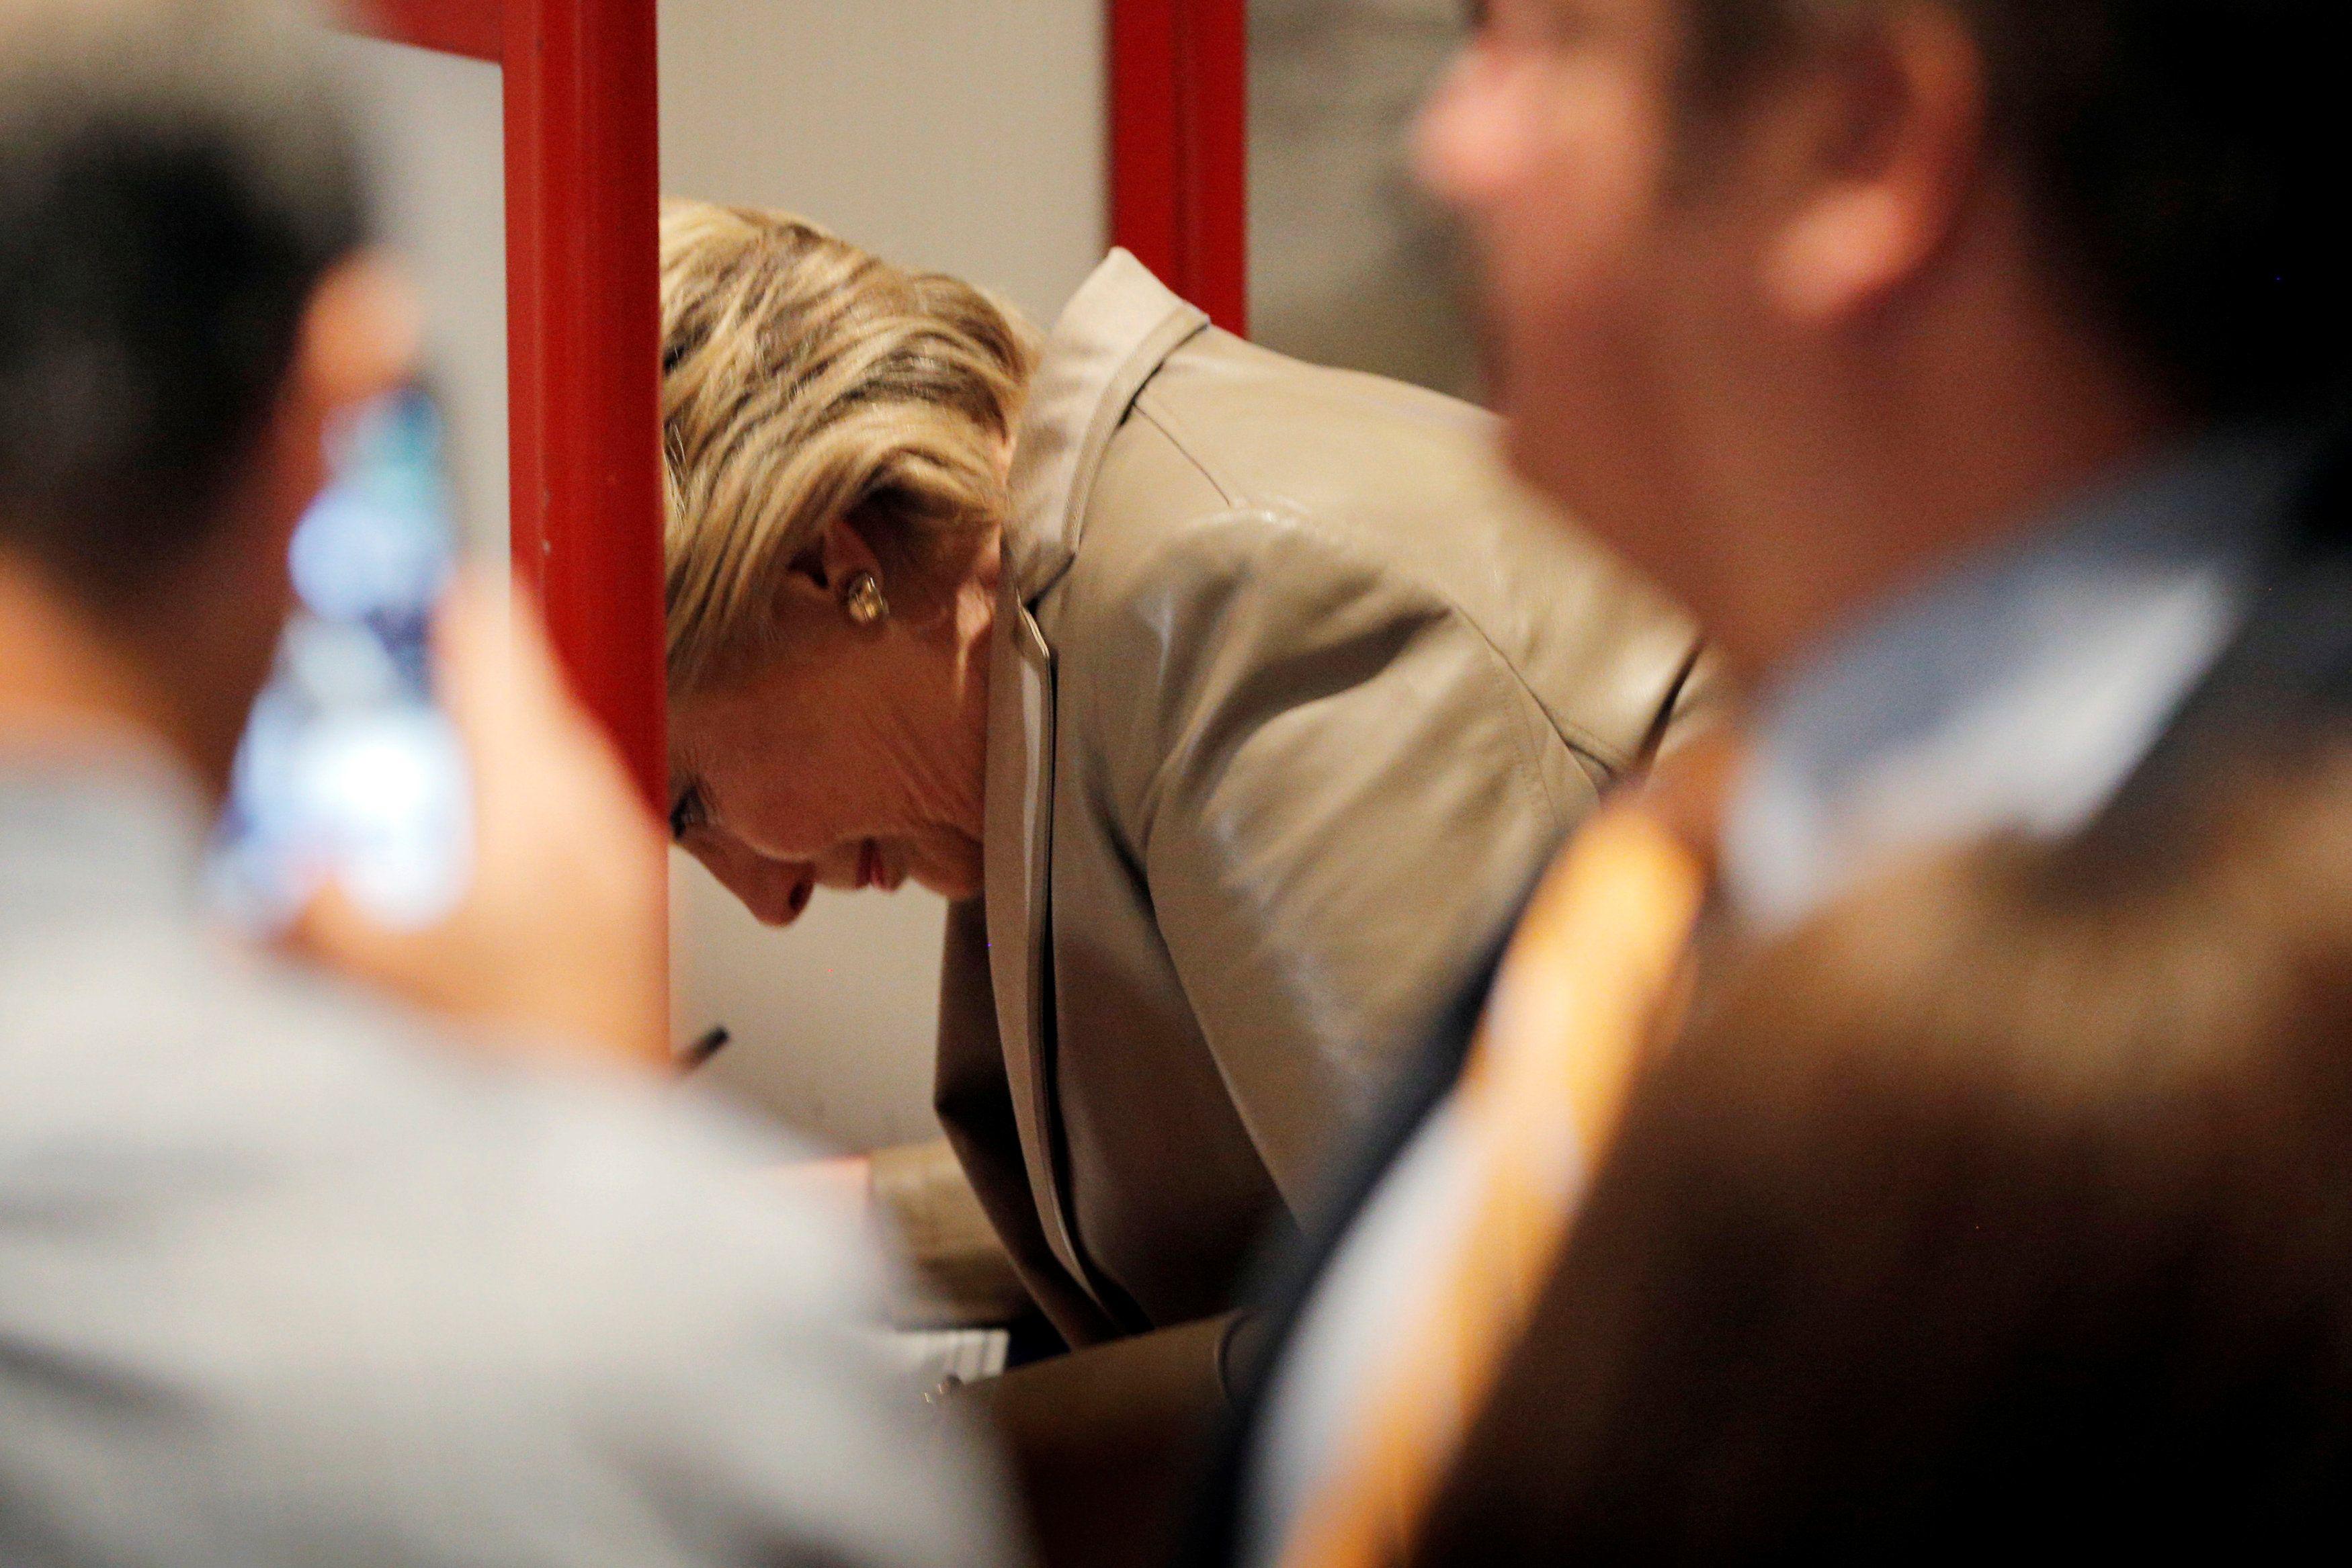 Fotógrafos y curiosos utilizaron sus móviles para recoger el momento en que Hillary votaba.